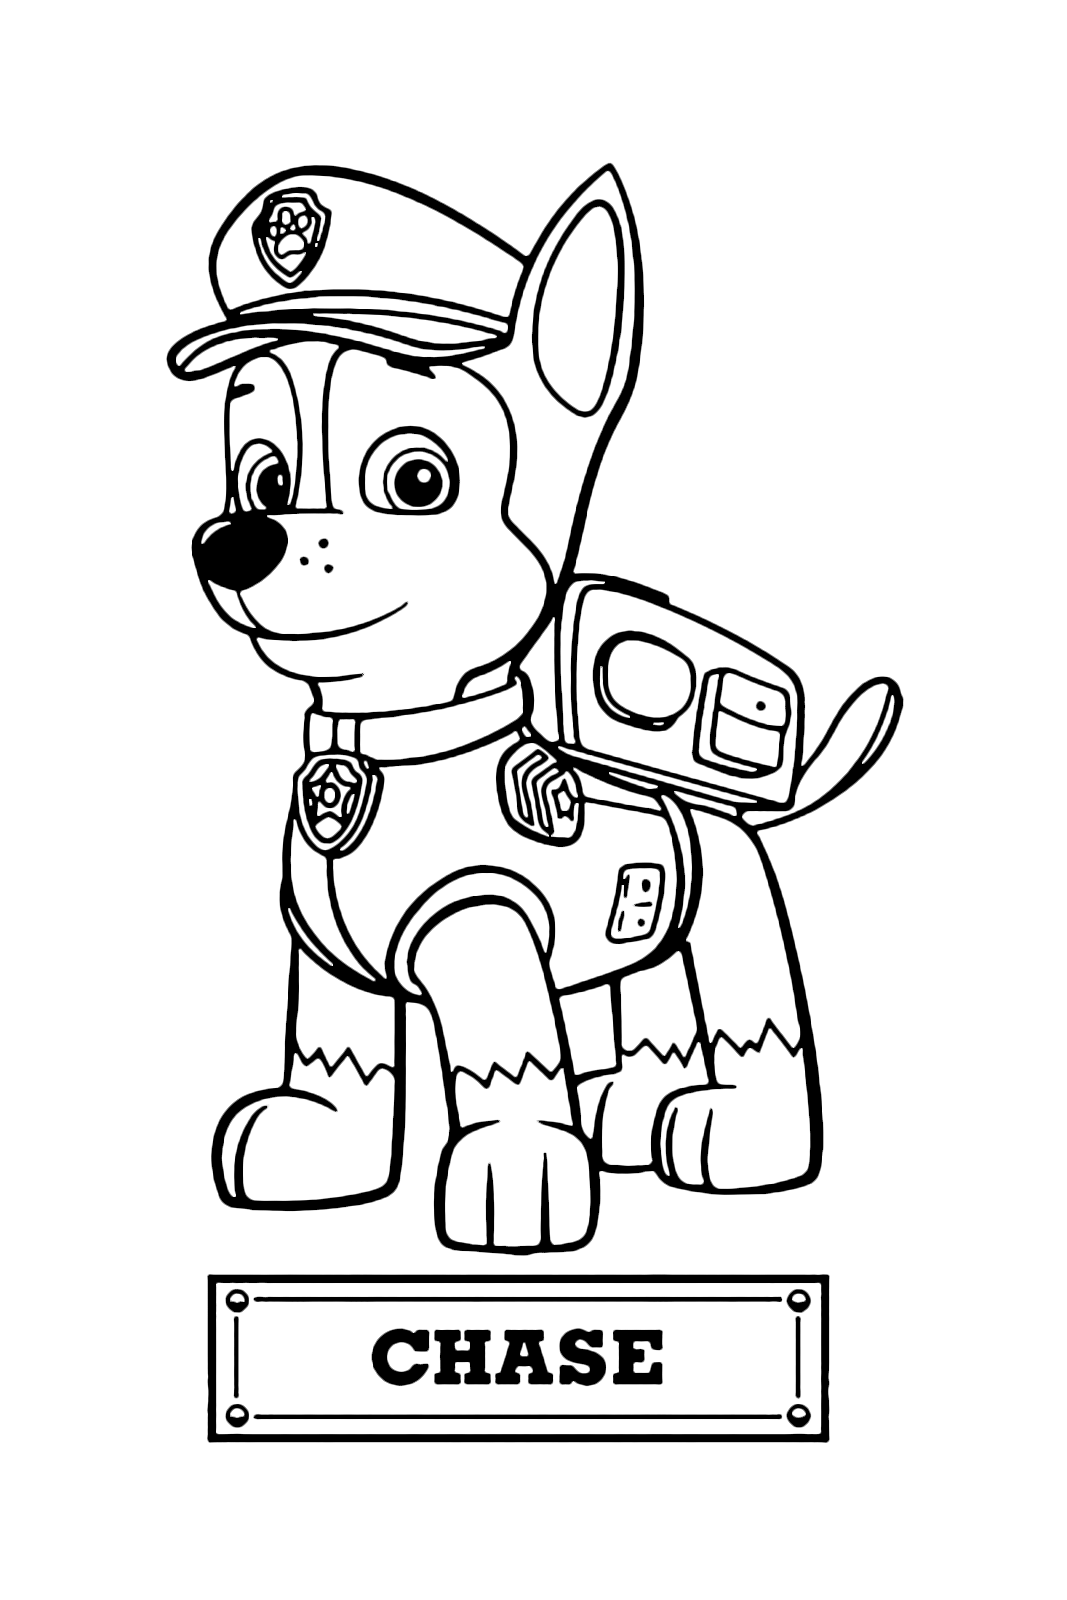 Paw patrol chase il cane poliziotto spia del gruppo for Disegni da colorare paw patrol